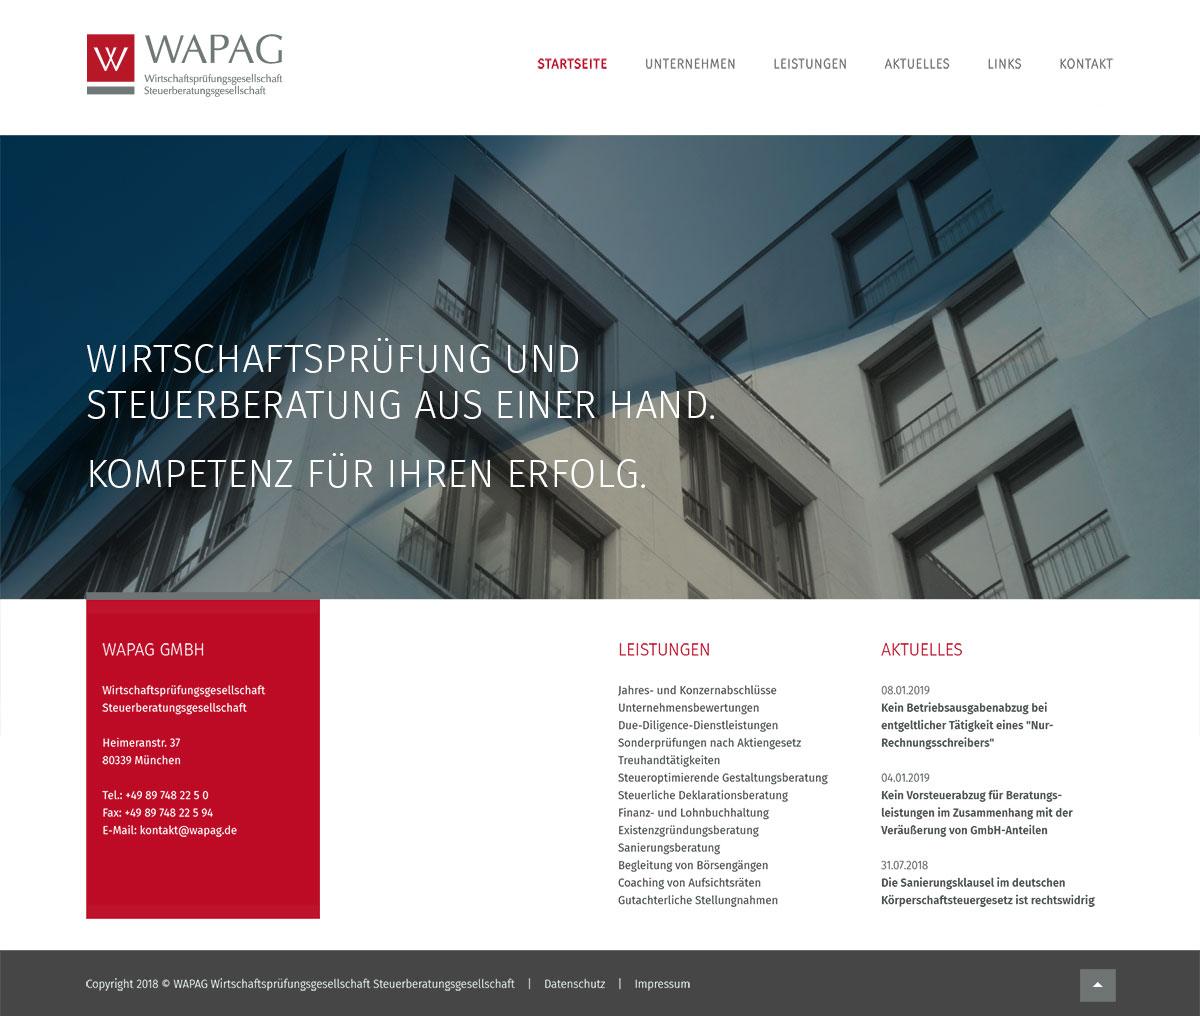 Webdesign Dachau . Wapag GmbH